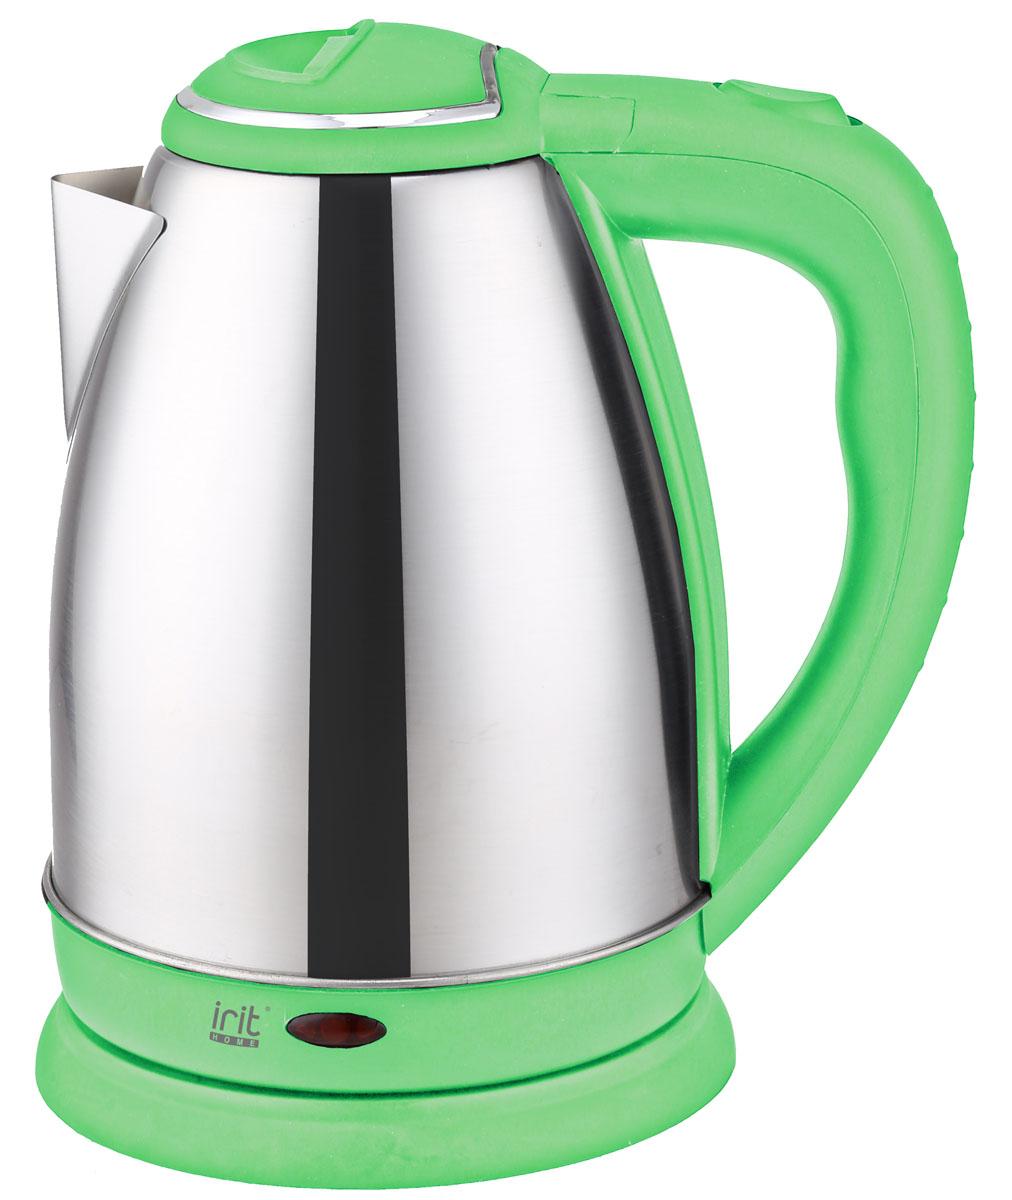 Irit IR-1337, Green электрический чайник чайник irit ir 1314 1500 вт зелёный 1 8 л нержавеющая сталь